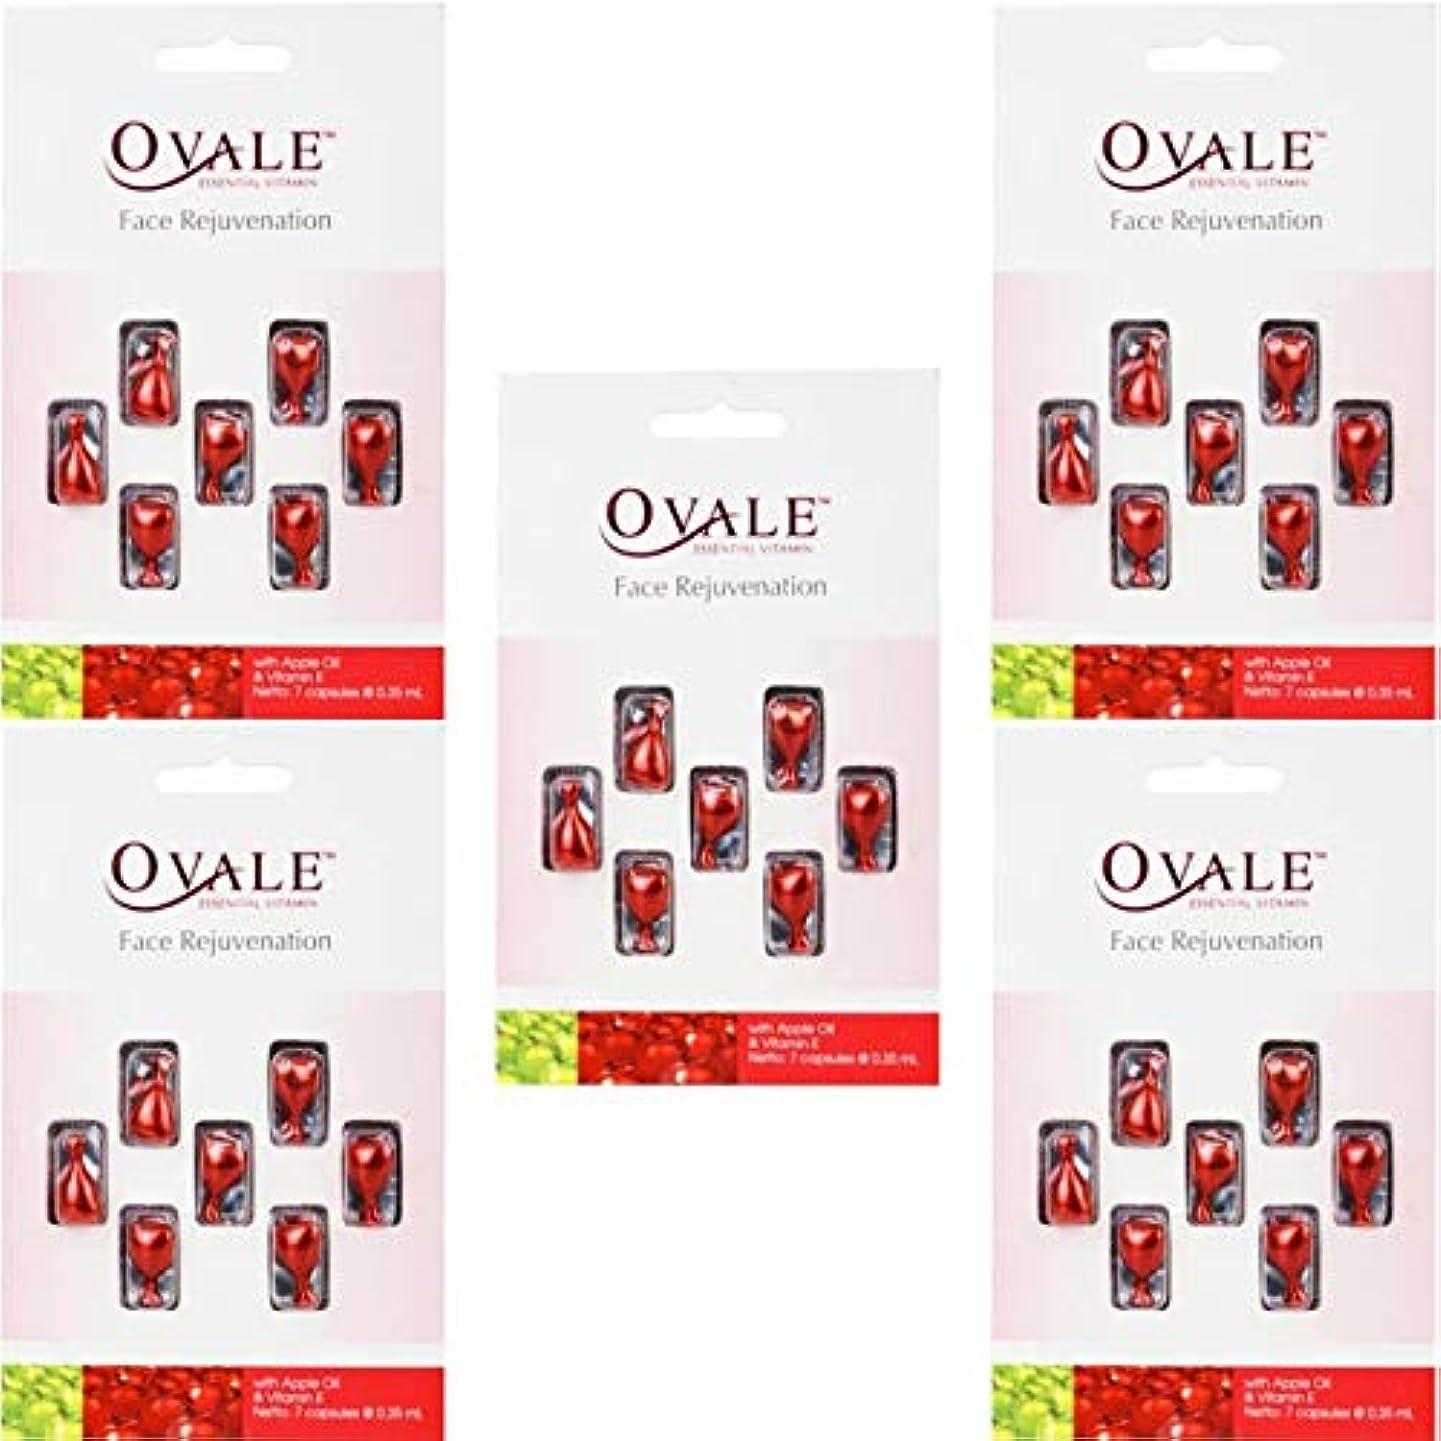 説明批判的に平野Ovale オーバル フェイシャル美容液 essential vitamin エッセンシャルビタミン 7粒入シート×5枚セット アップル [海外直送品]